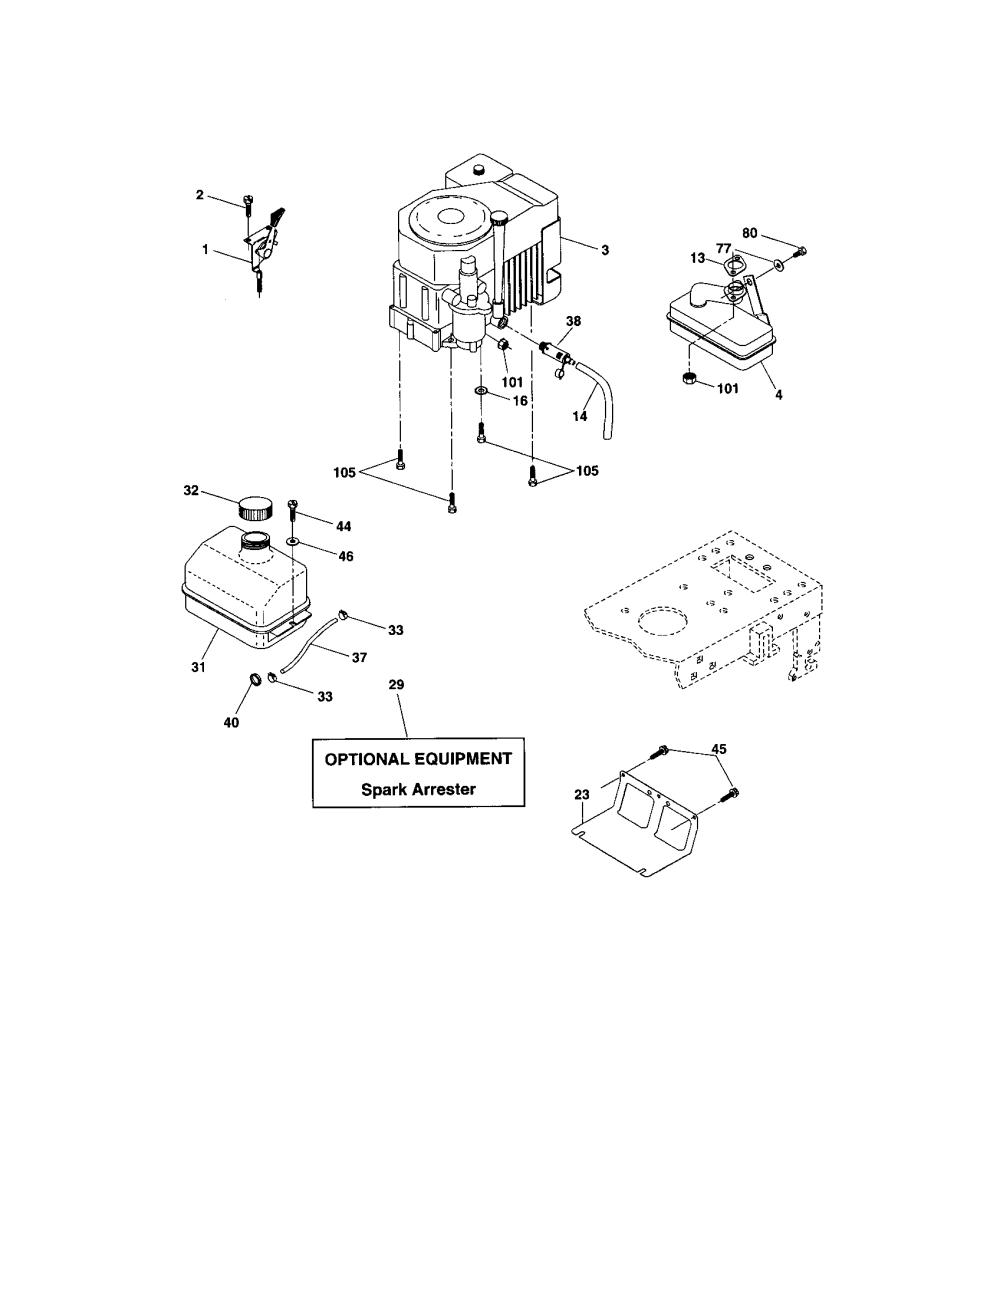 medium resolution of 917 271021 craftsman lawn mower wire diagram wiring diagram craftsman mower model 917 388952 917 271021